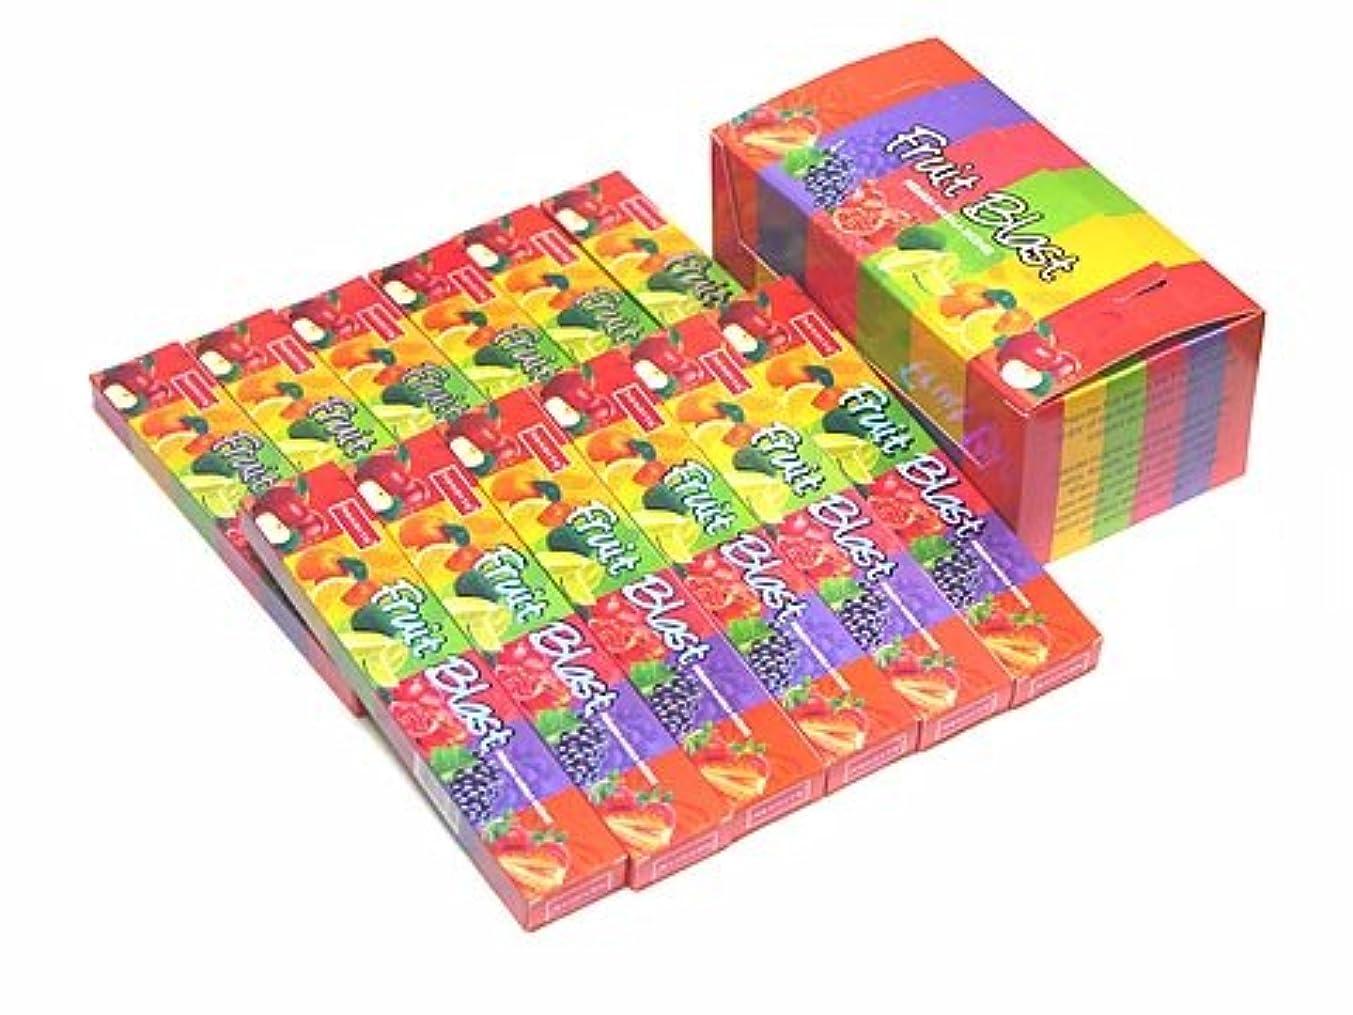 薬剤師せっかち不機嫌そうなNANDITA(ナンディータ) フルーツブラスト香 スティック FRUIT BLAST 12箱セット